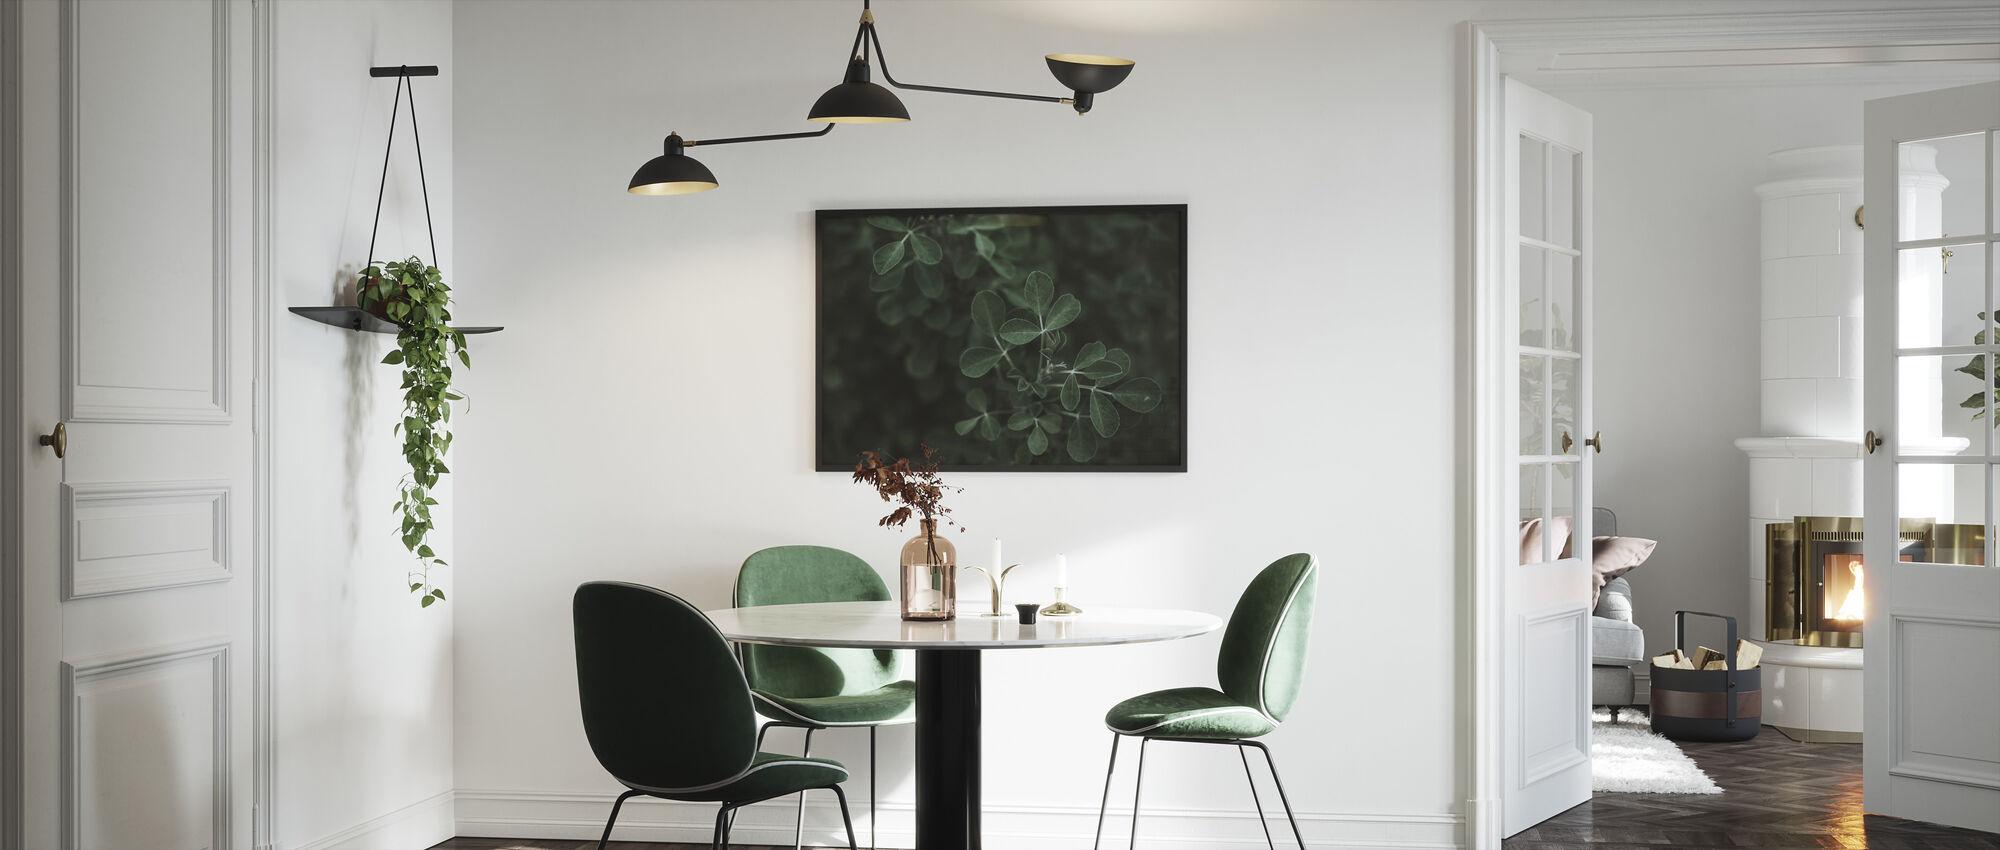 Leaf med lav nøkkel - Innrammet bilde - Kjøkken